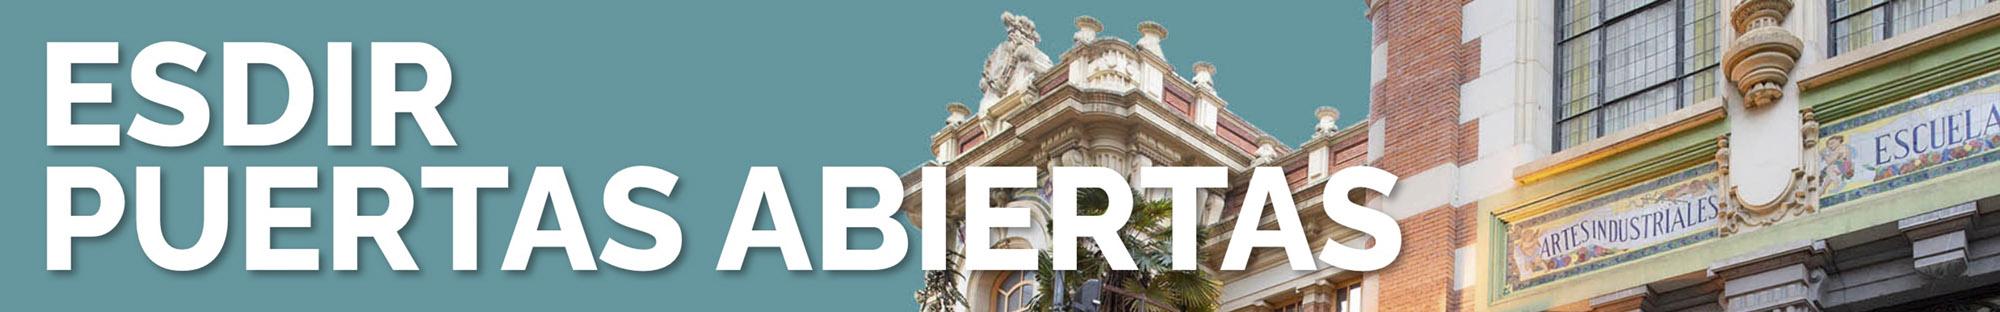 Escuela Superior de Diseño de La Rioja